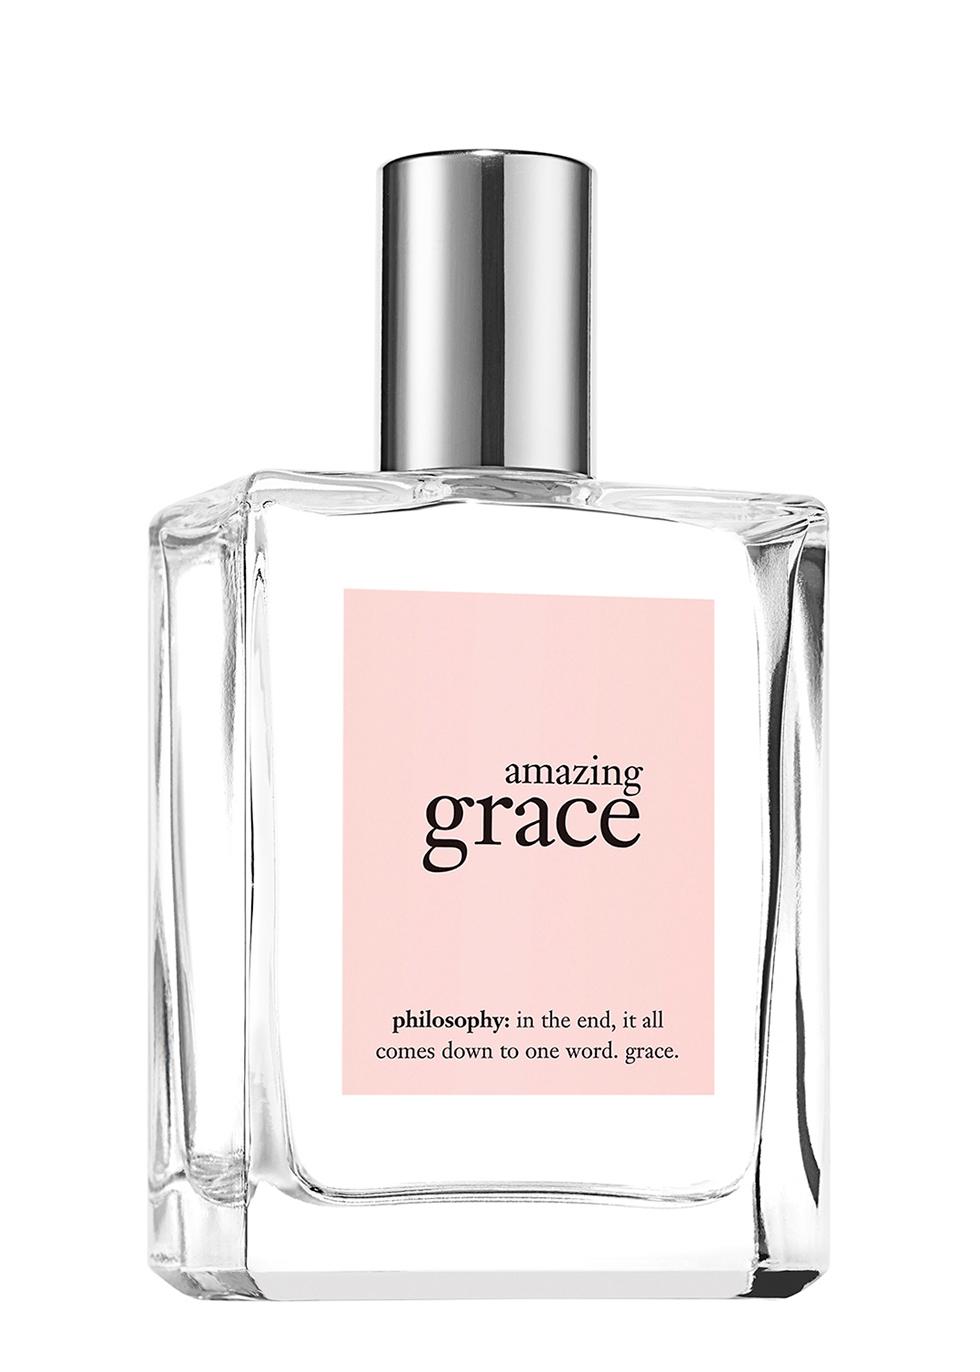 Amazing Grace Eau De Toilette 60ml - PHILOSOPHY